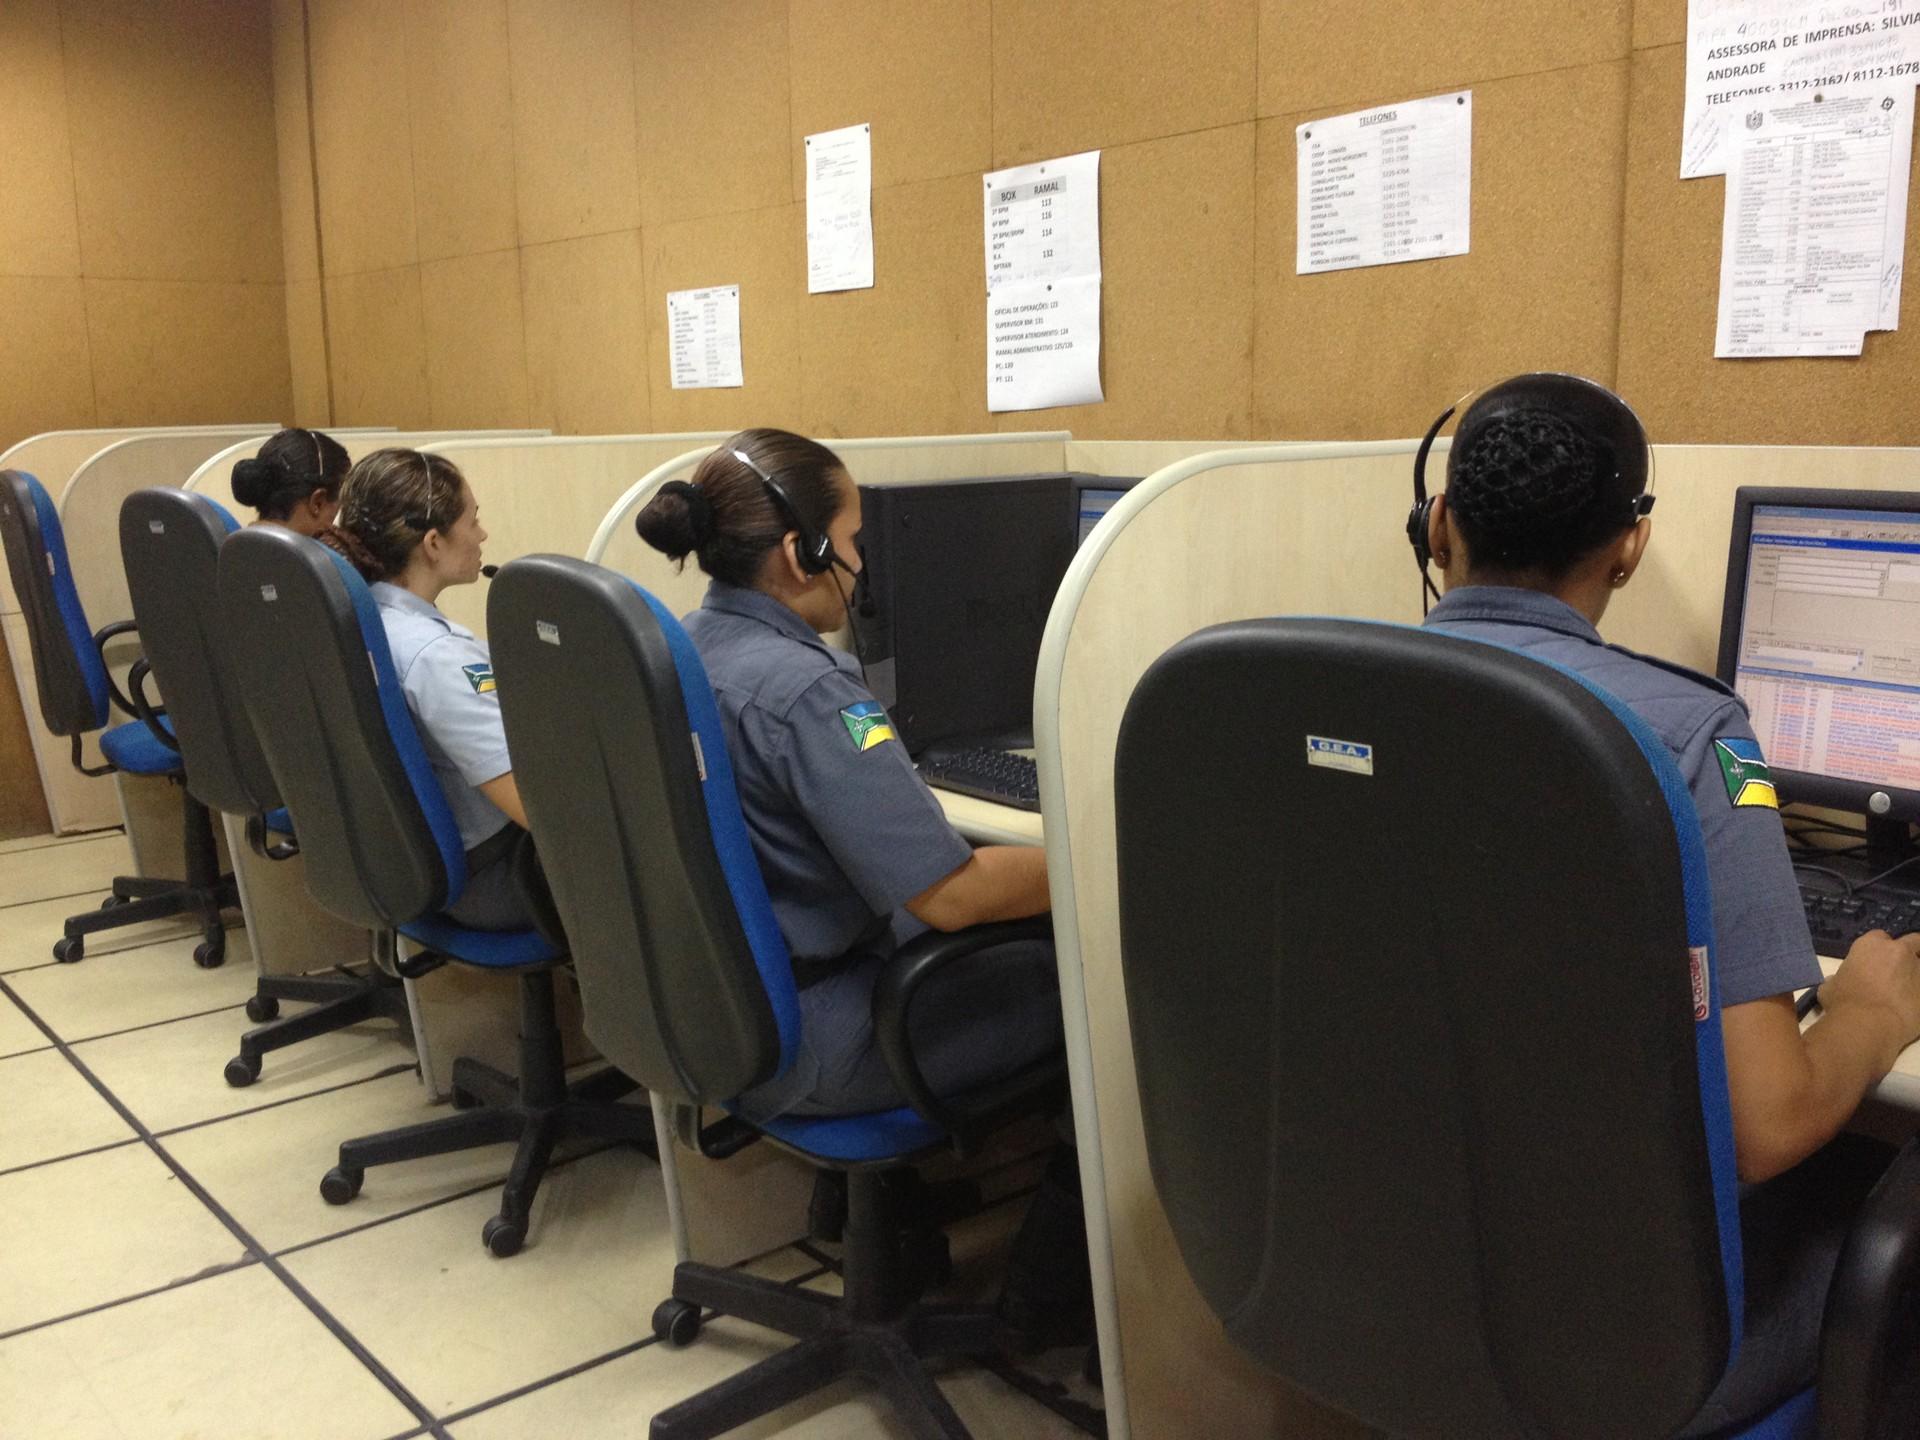 Polícia recebeu quase 100 mil chamadas através do 190 no Amapá; quase 18% foram trotes